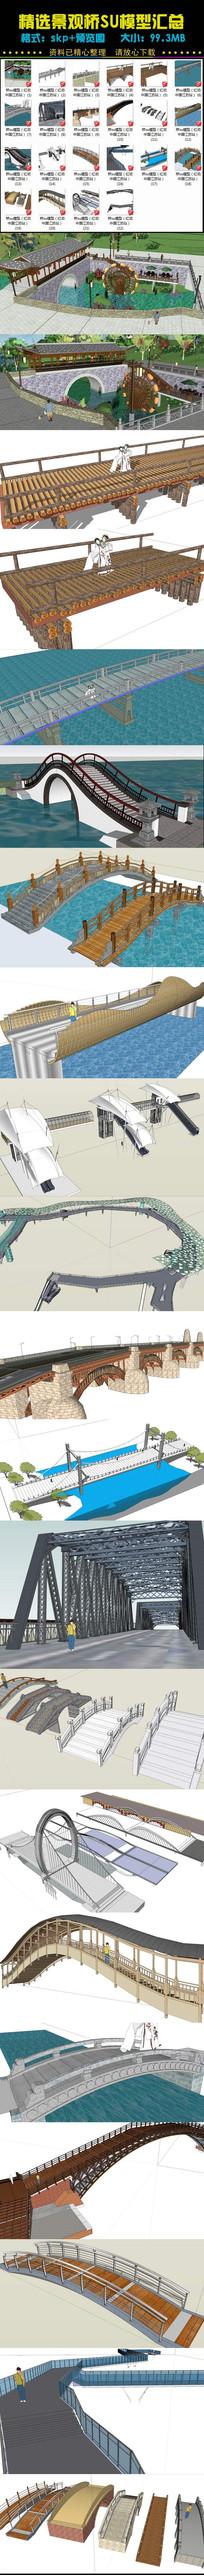 木桥石桥景观桥梁拱桥su模型